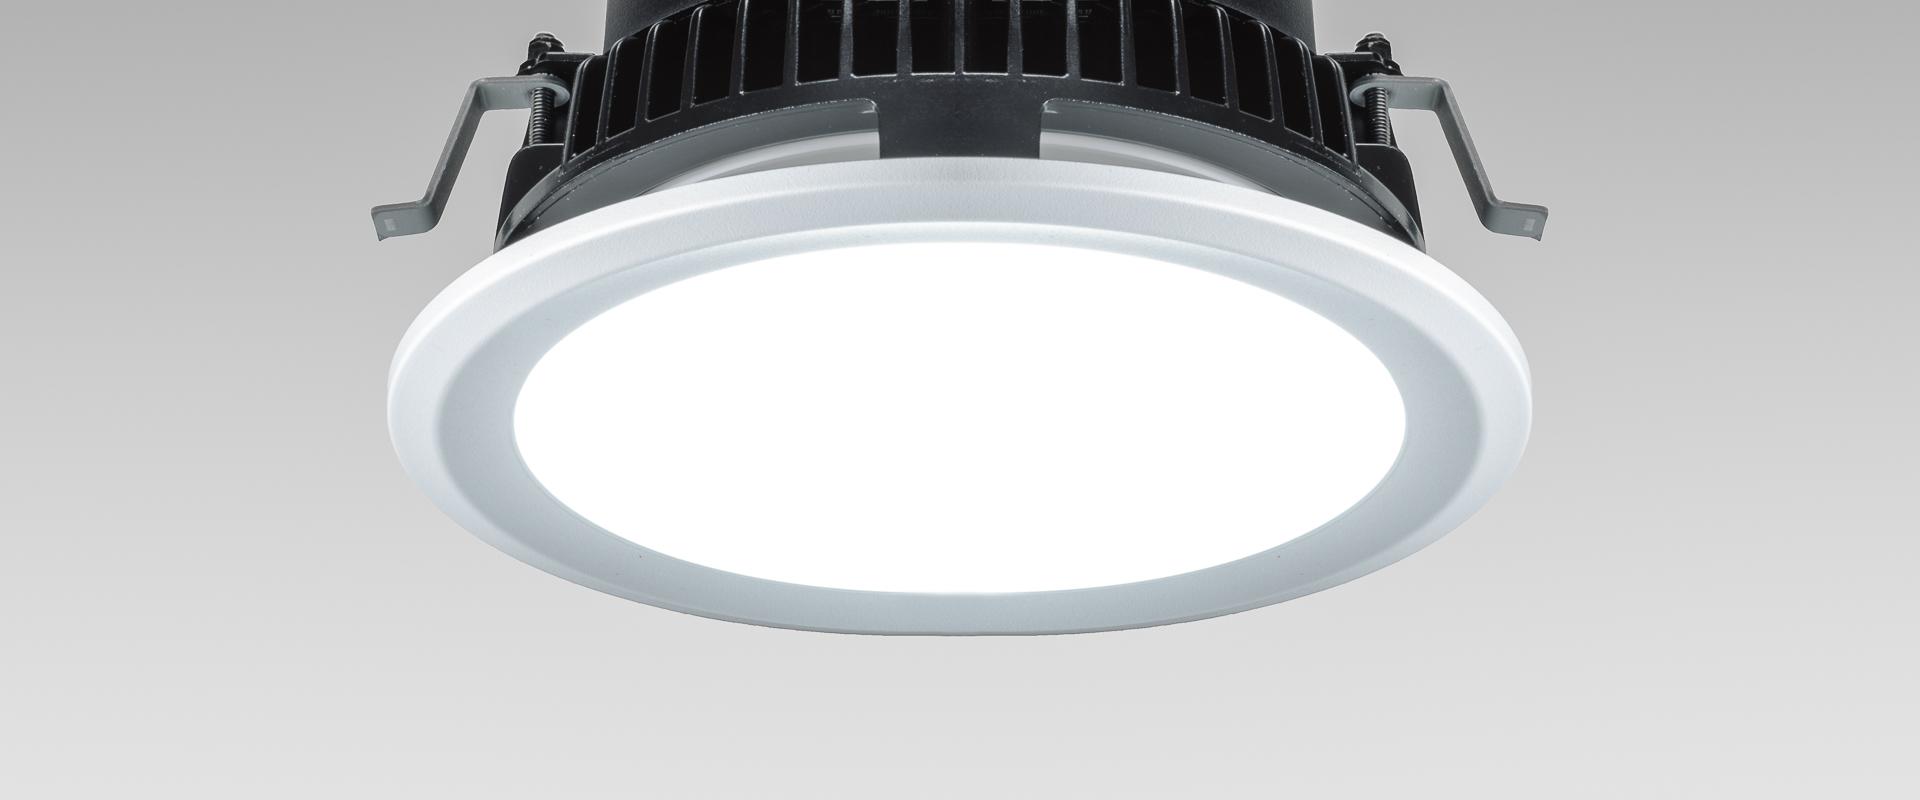 Line Regent Lighting Wiring Schematic Proh 7198 Pg